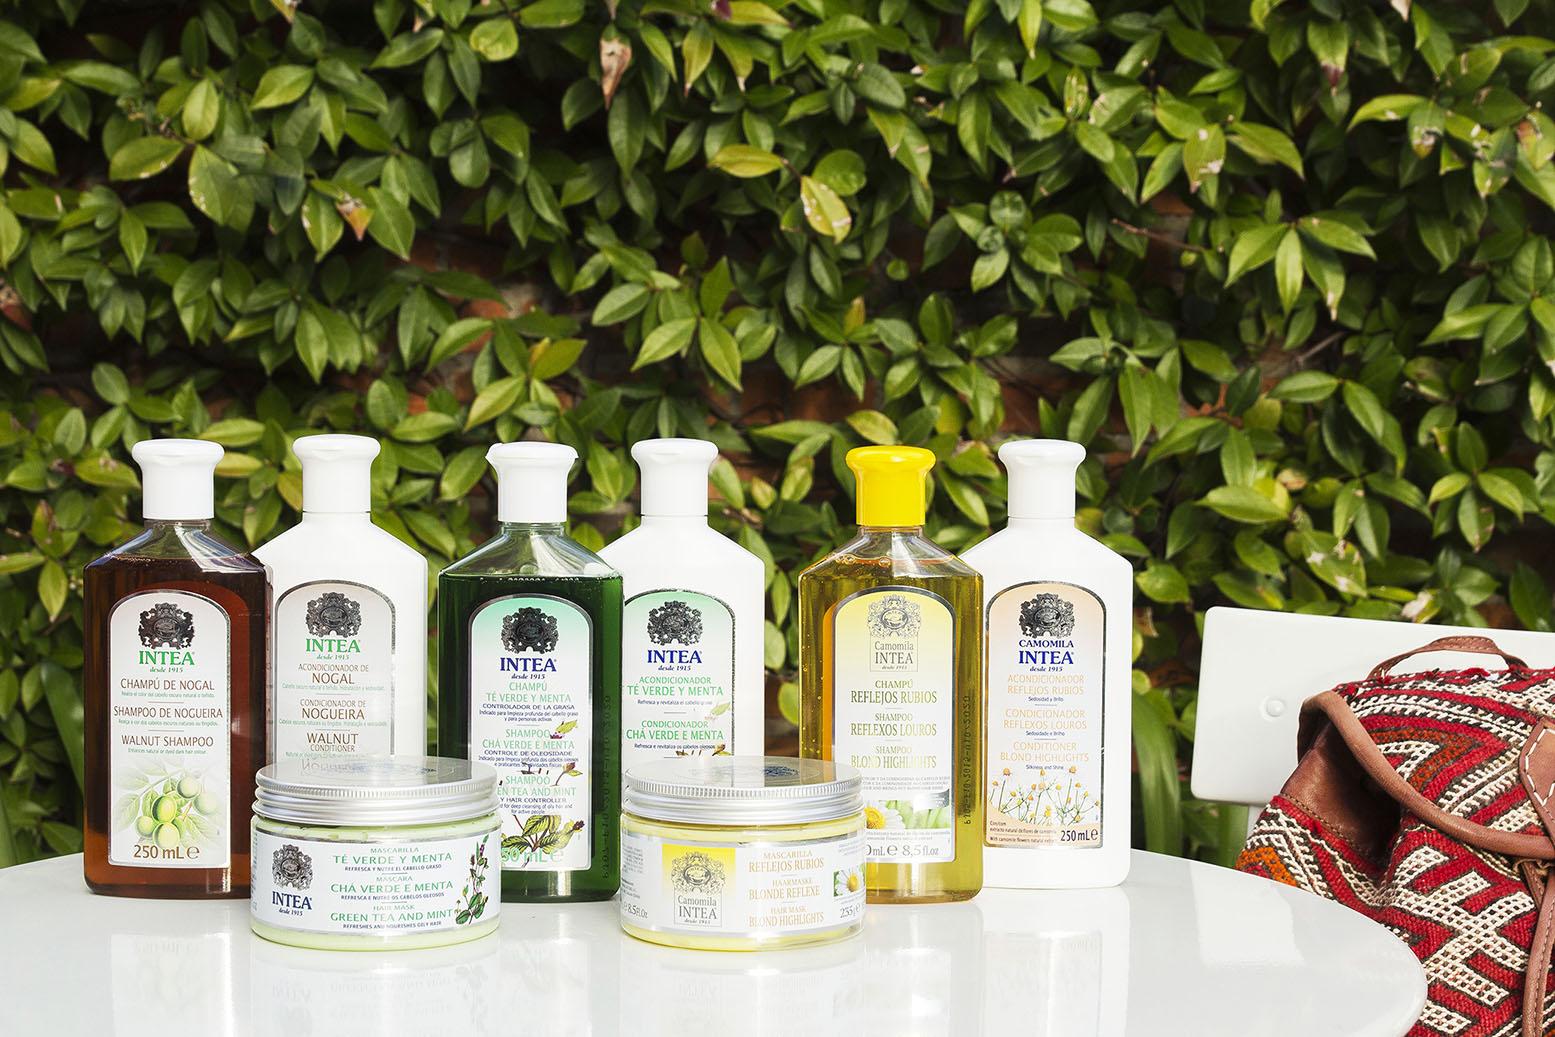 Conheça as propriedades naturais dos produtos INTEA®